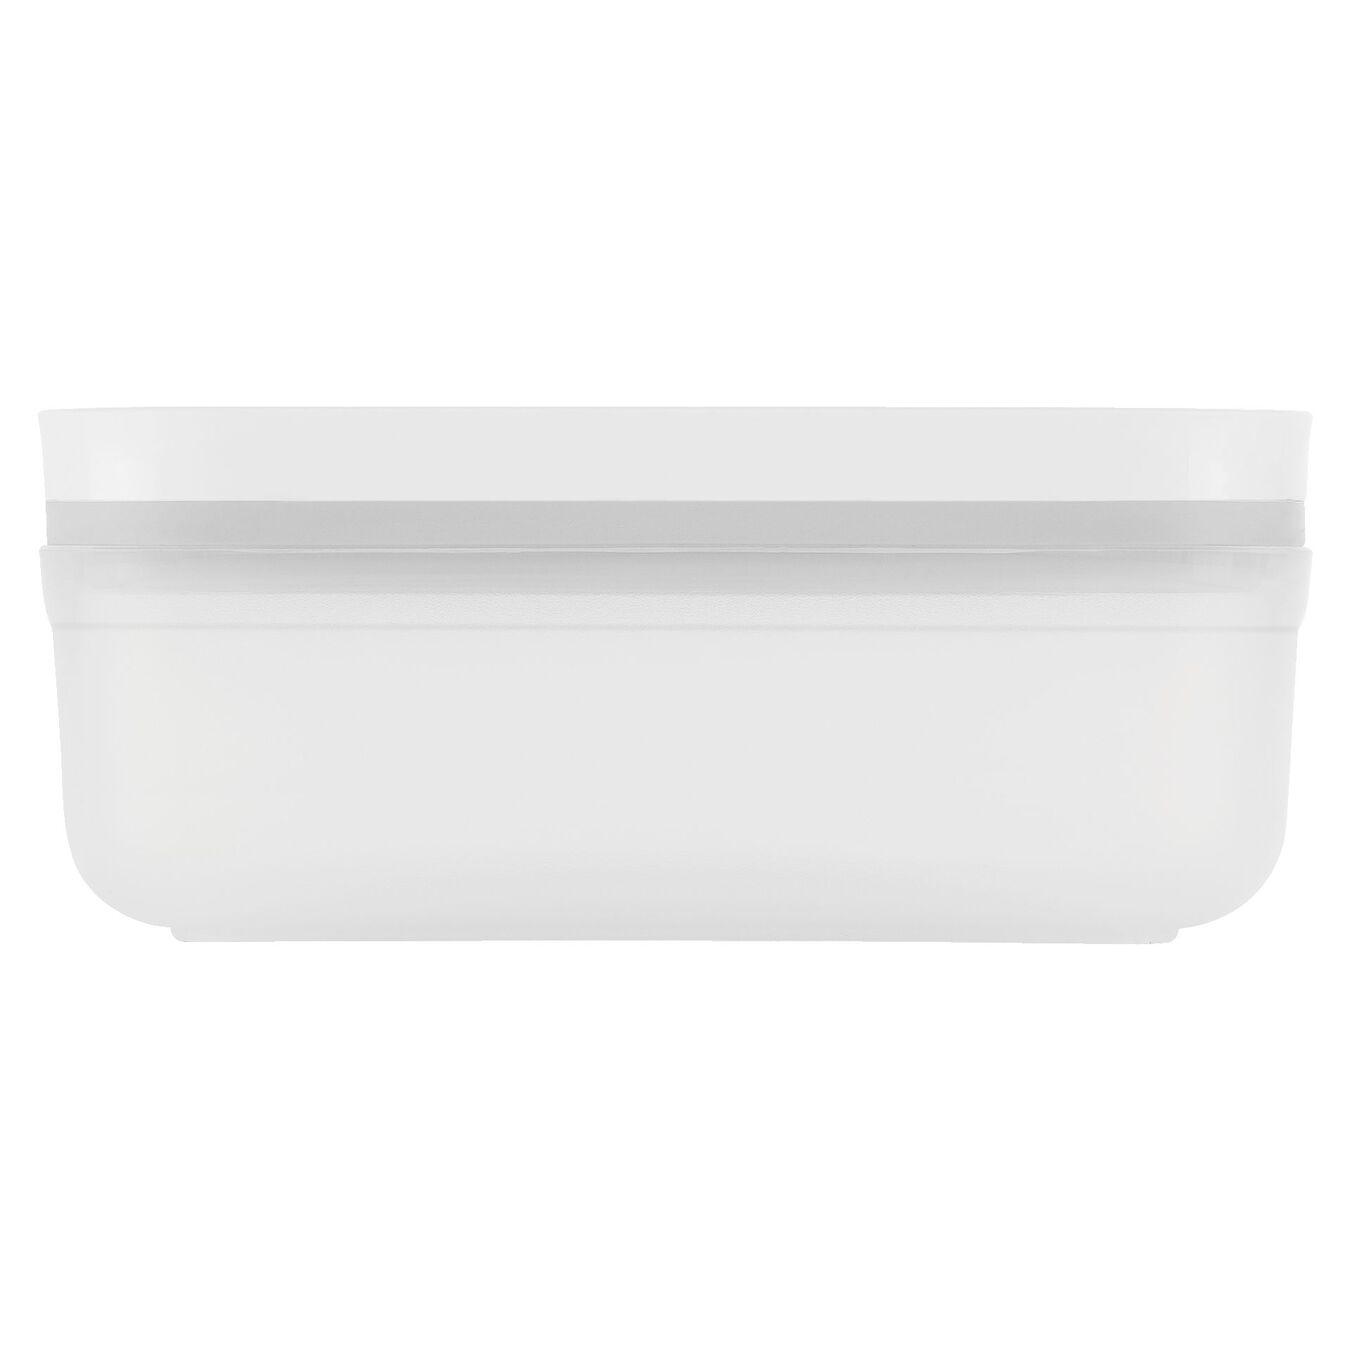 Vacuum box, White | Premium,,large 3